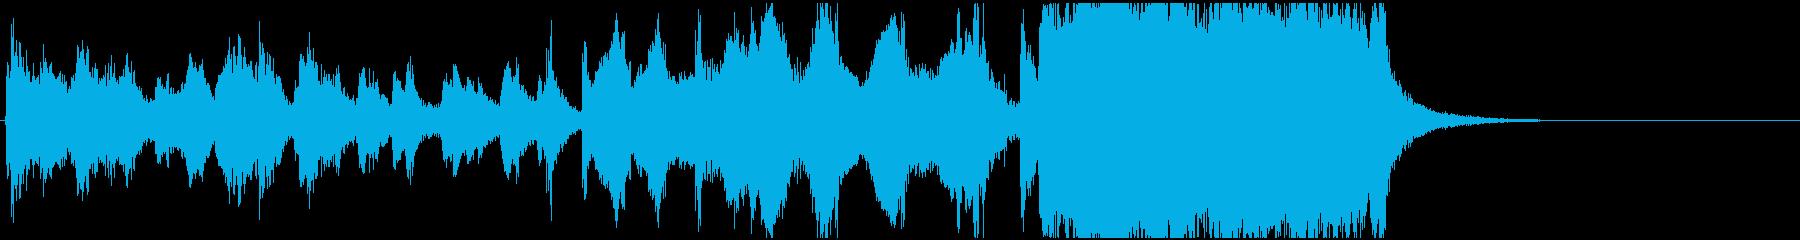 ジングル_ファンファーレ028 金管長めの再生済みの波形